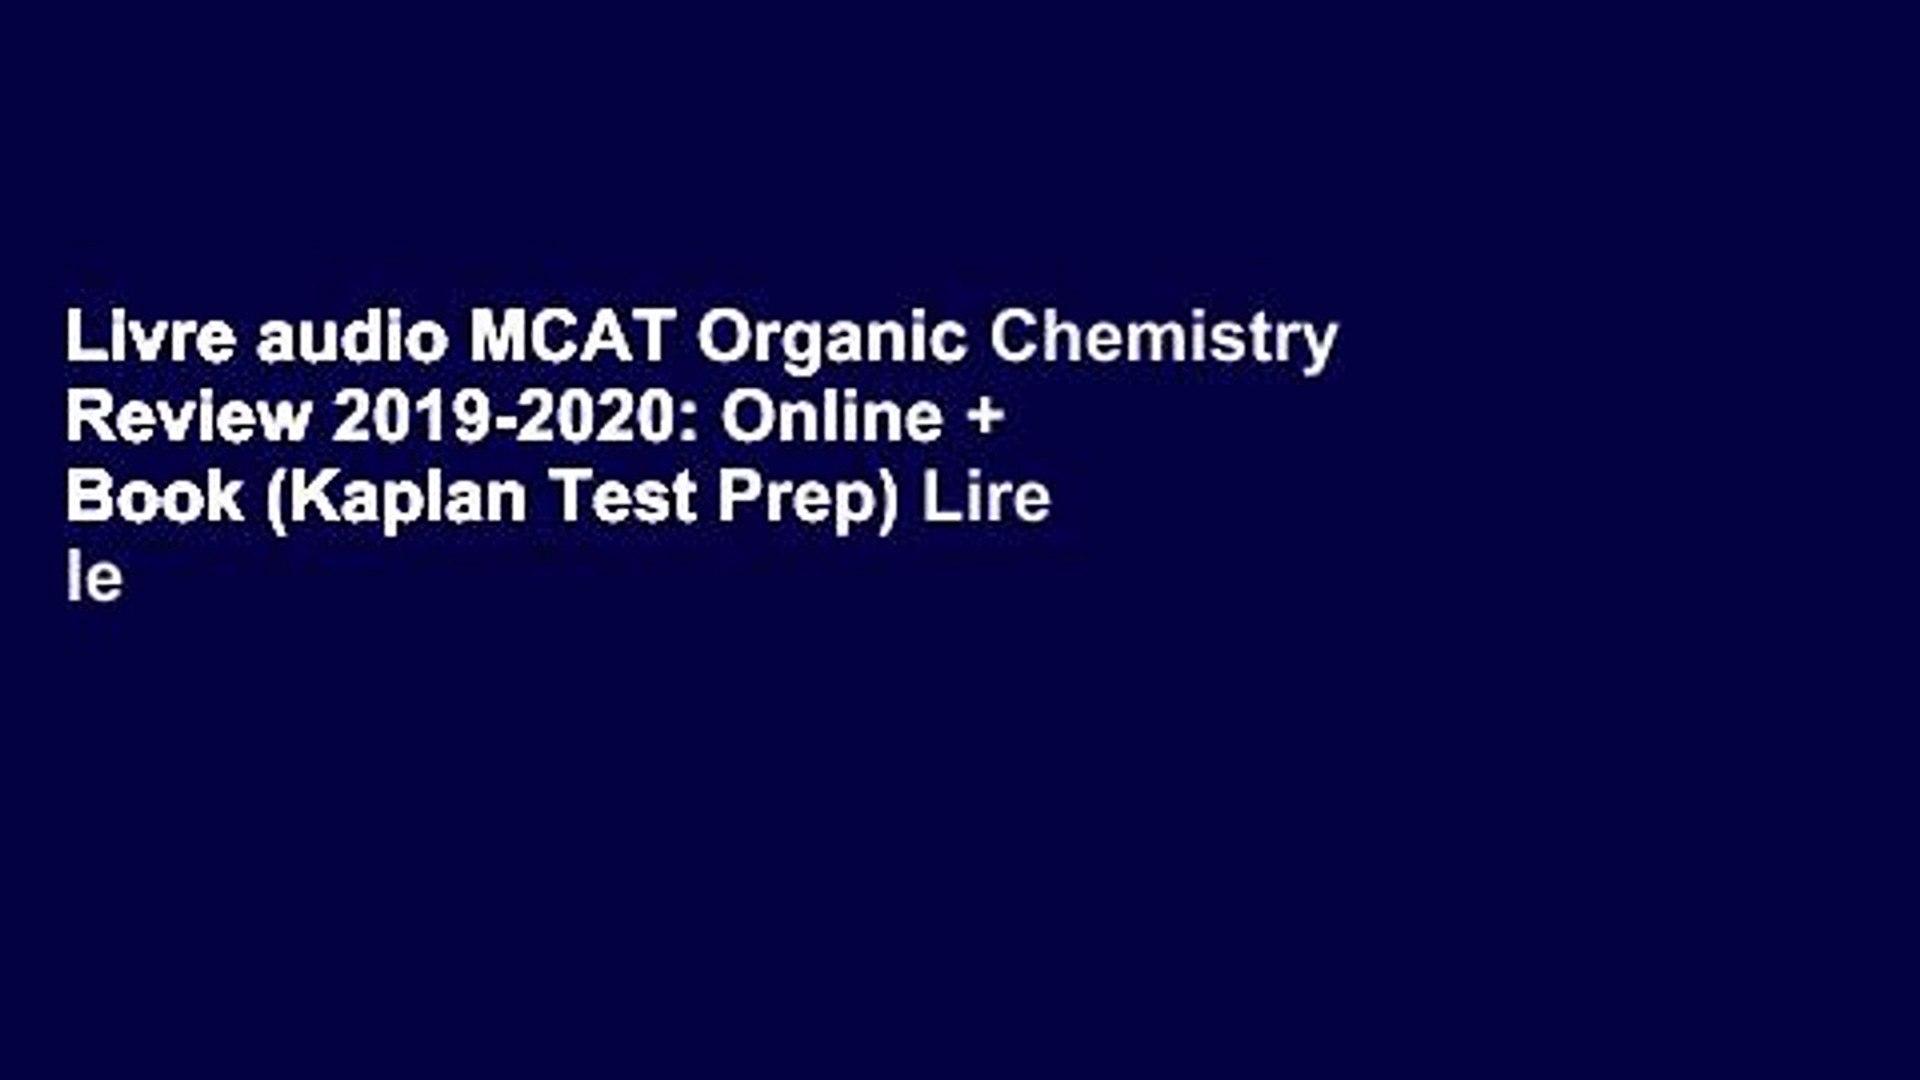 Livre Audio Mcat Organic Chemistry Review 2019 2020 Online Book Kaplan Test Prep Lire Le